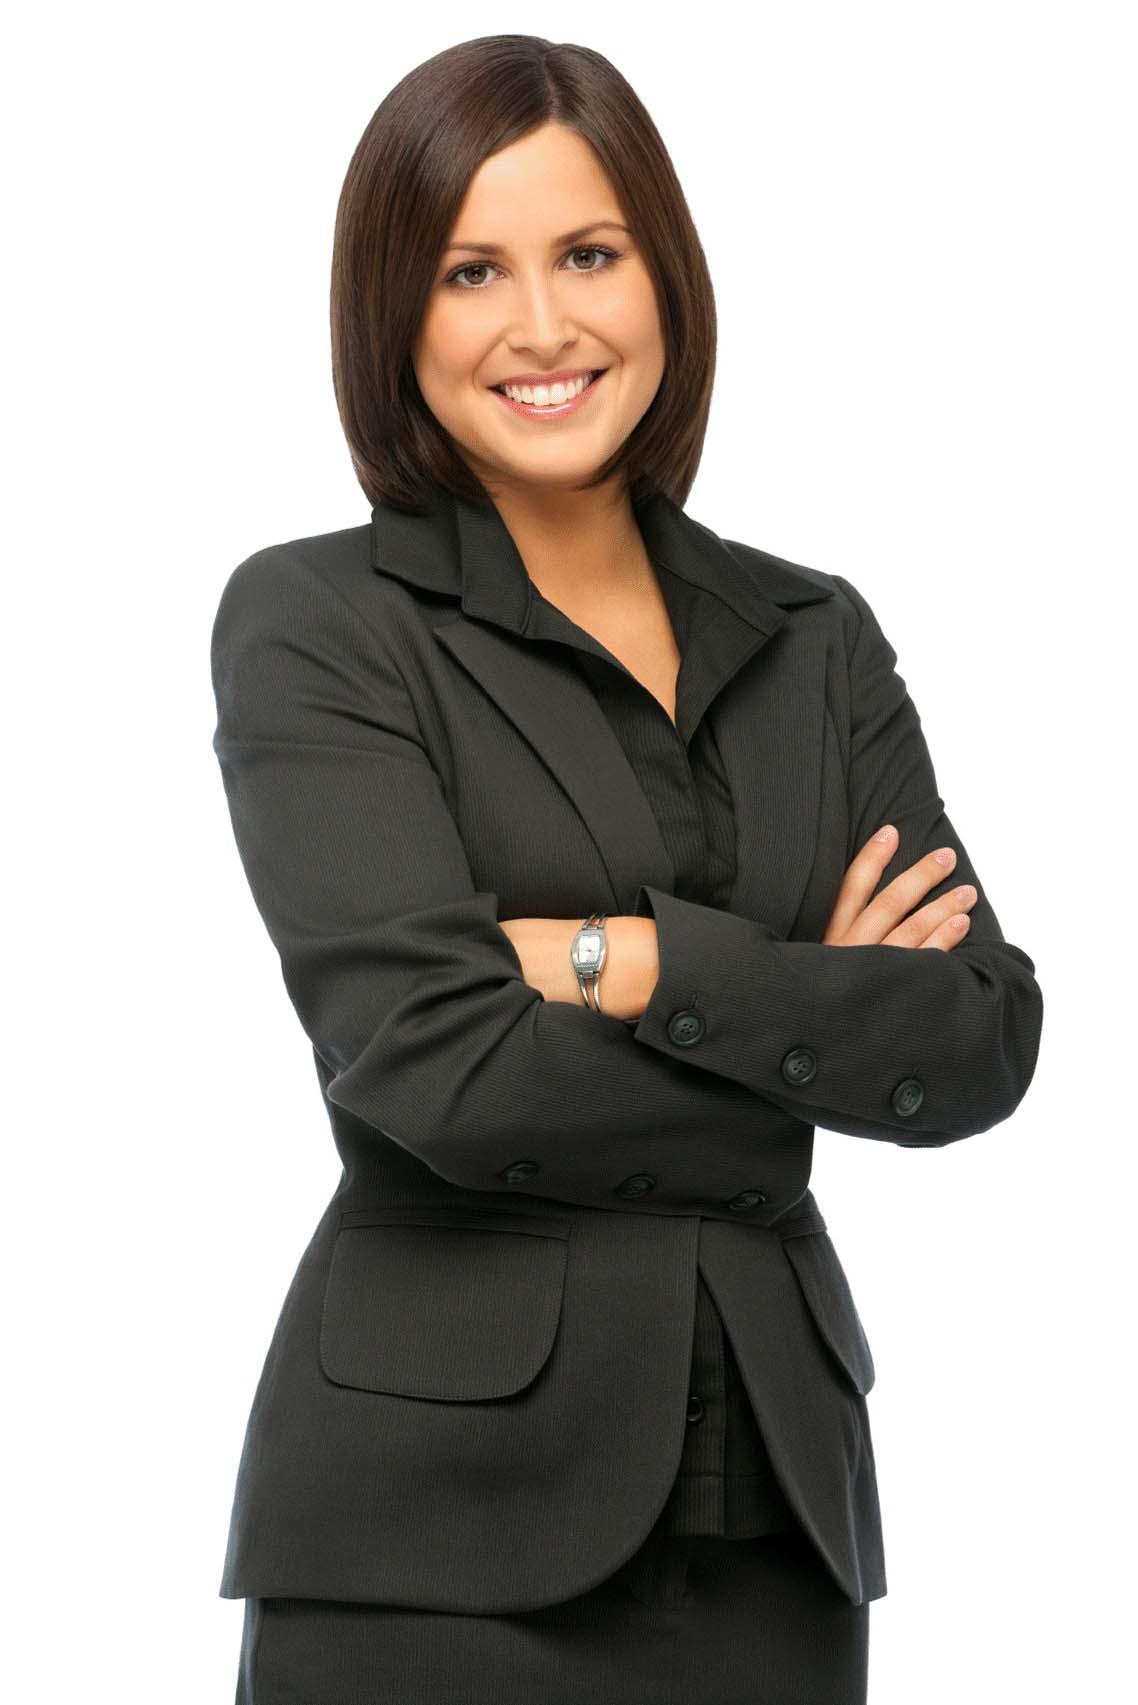 Женщина руководитель. Достоинства и недостатки